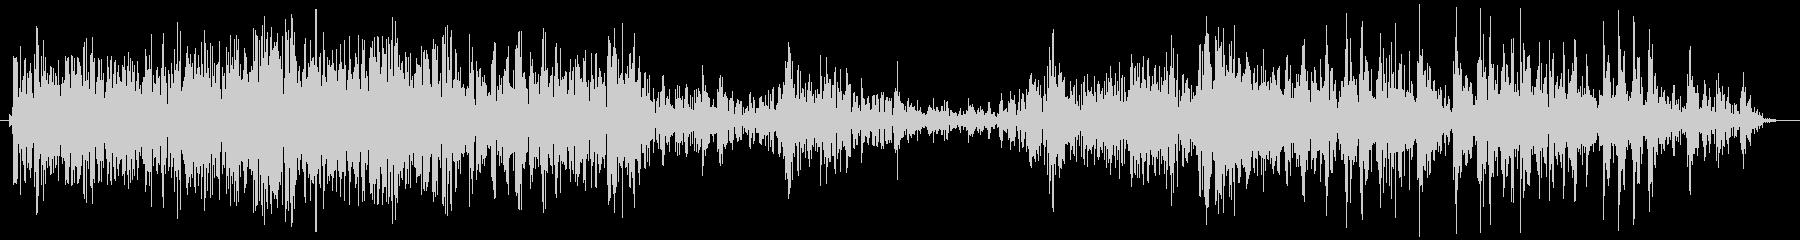 ローグラインドメタルクリーク、フォリーの未再生の波形